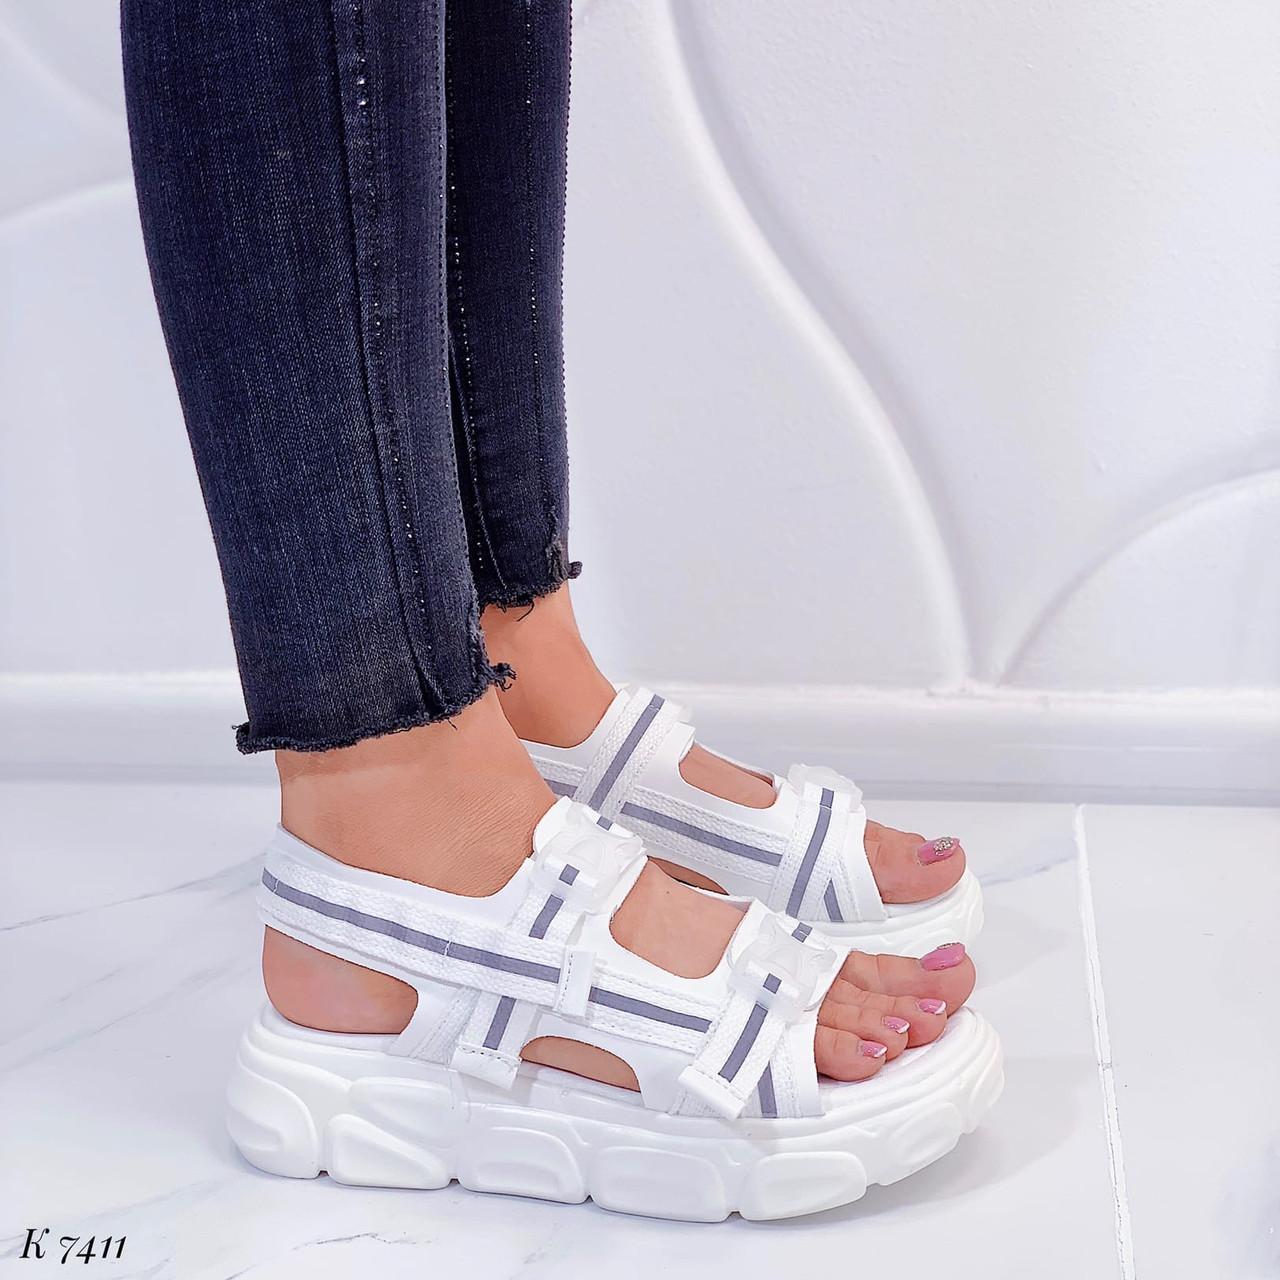 Жіночі босоніжки спортивні білі на платформі 5 см еко-шкіра+ текстиль